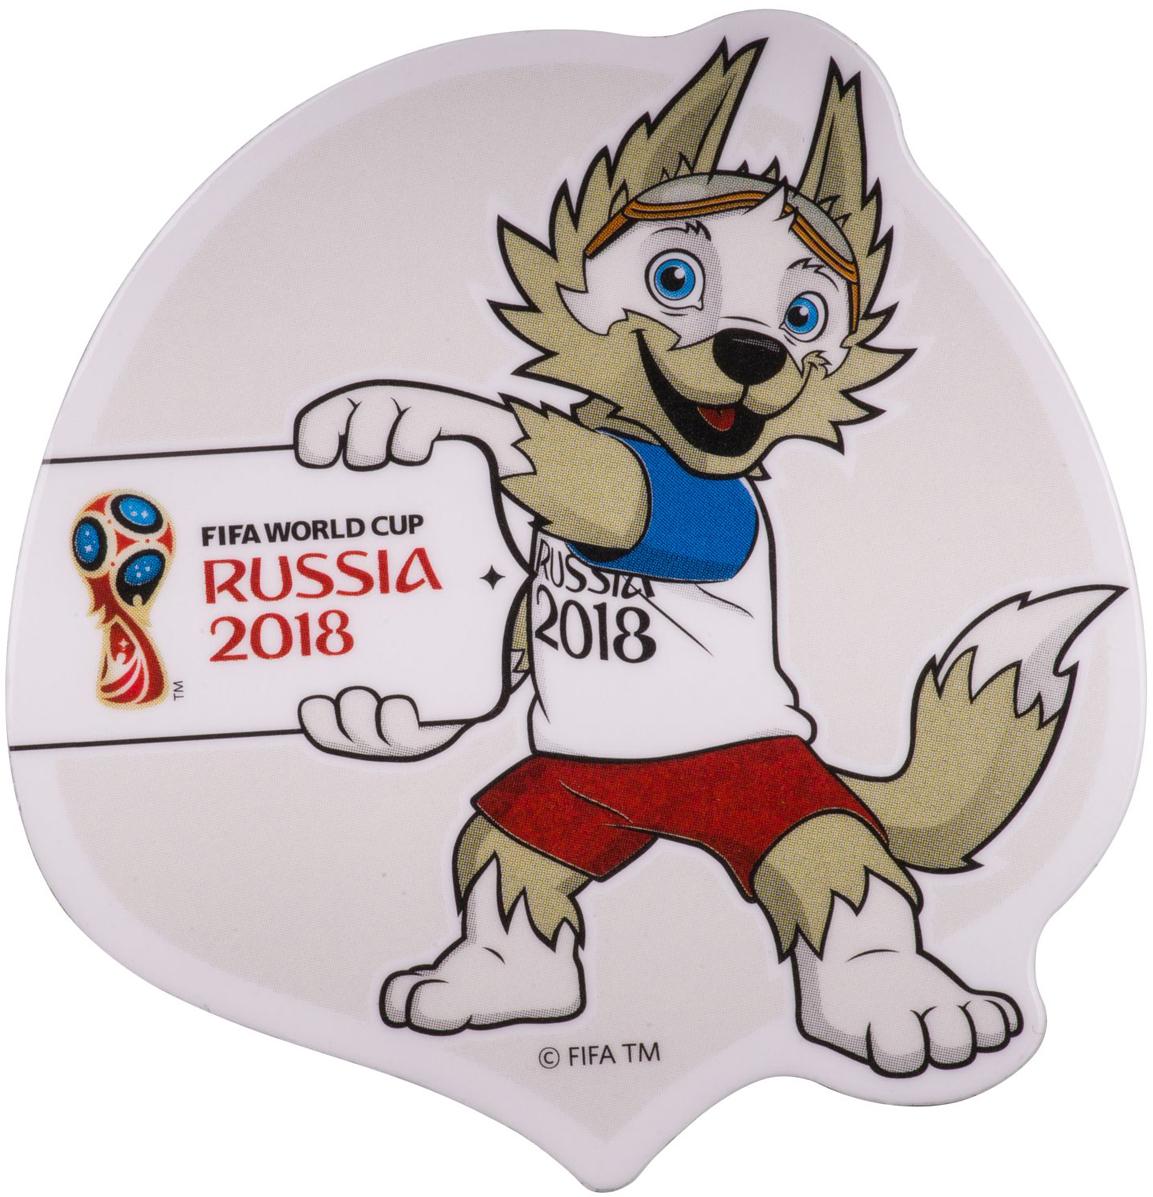 Магнит сувенирный FIFA 2018 Летящий мяч, 8 х 11 см. СН520 магнит fifa 2018 россия пвх